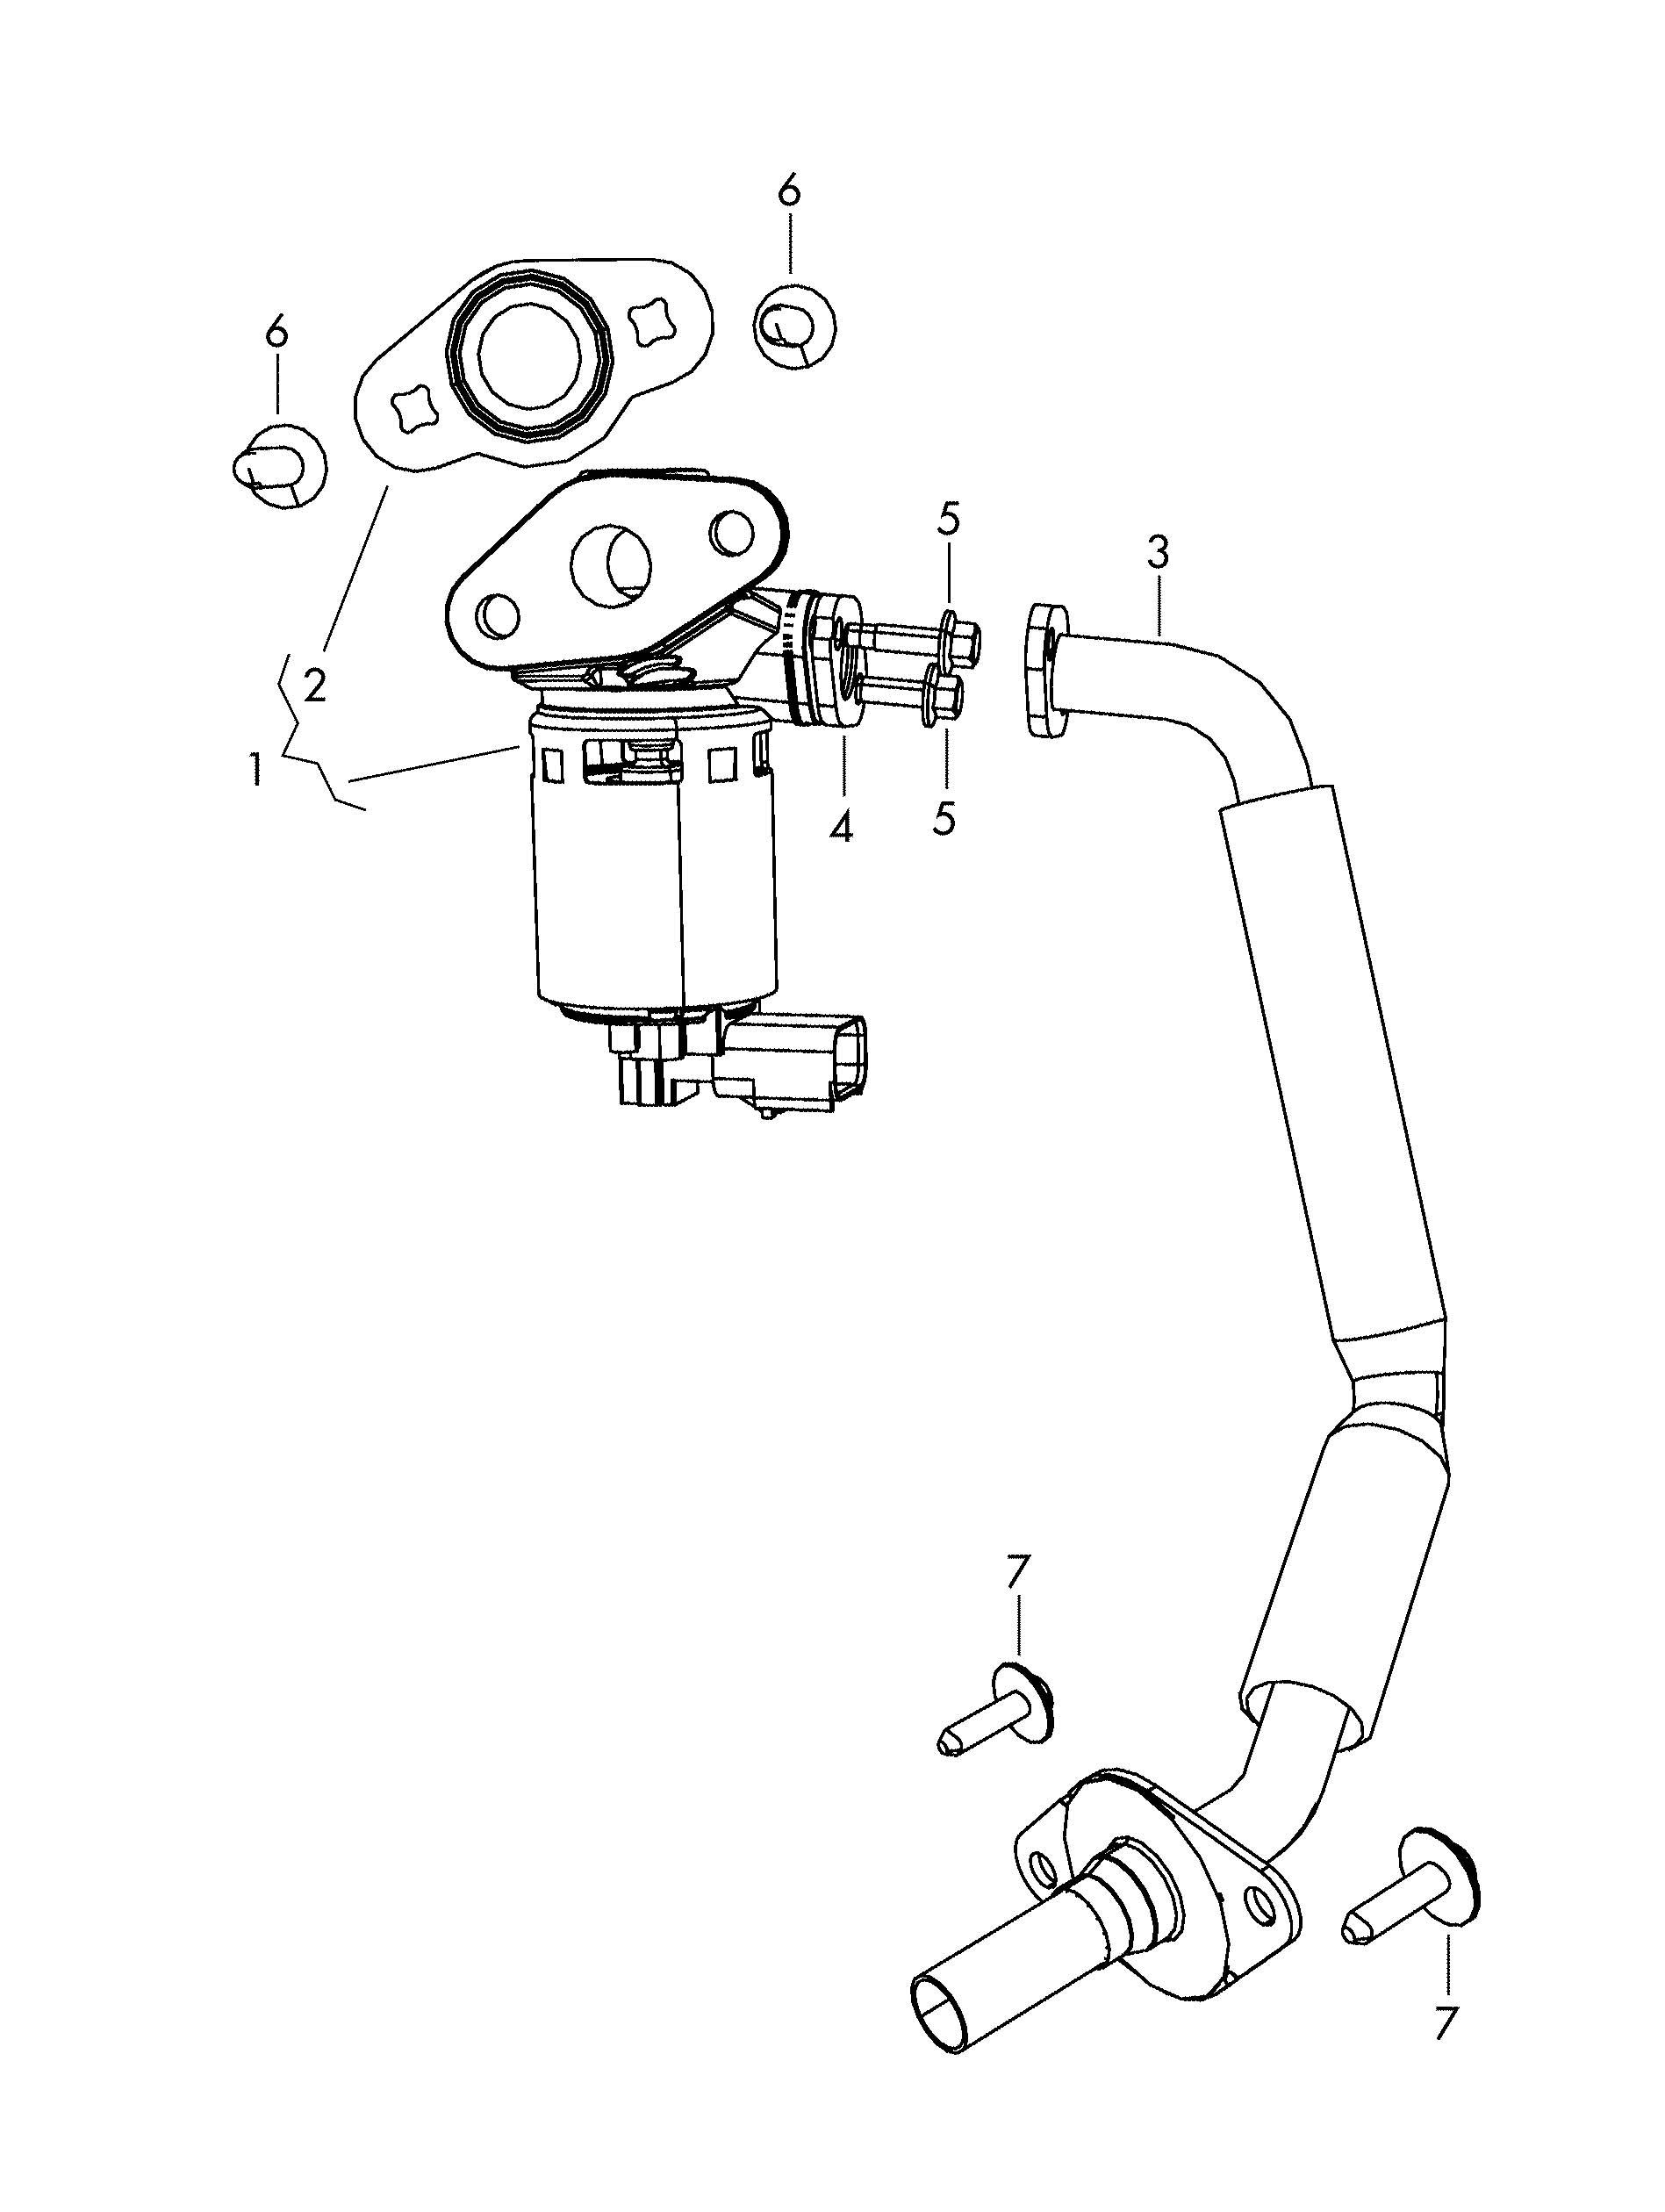 Volkswagen Routan 4.0L 6 Cylinder Egr valve. EXHAUST